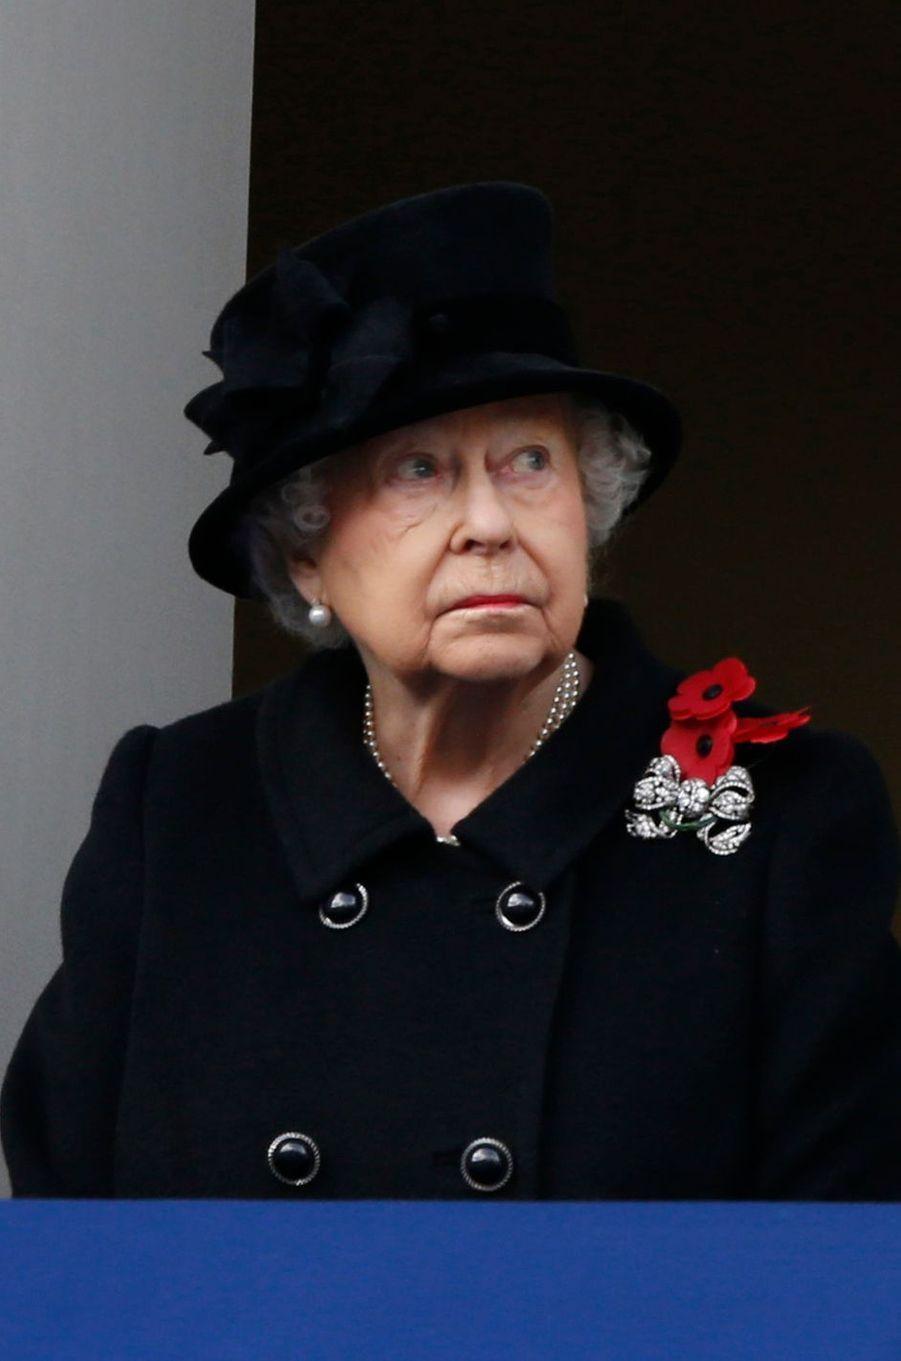 La reine Elizabeth II à Londres, le 12 novembre 2017